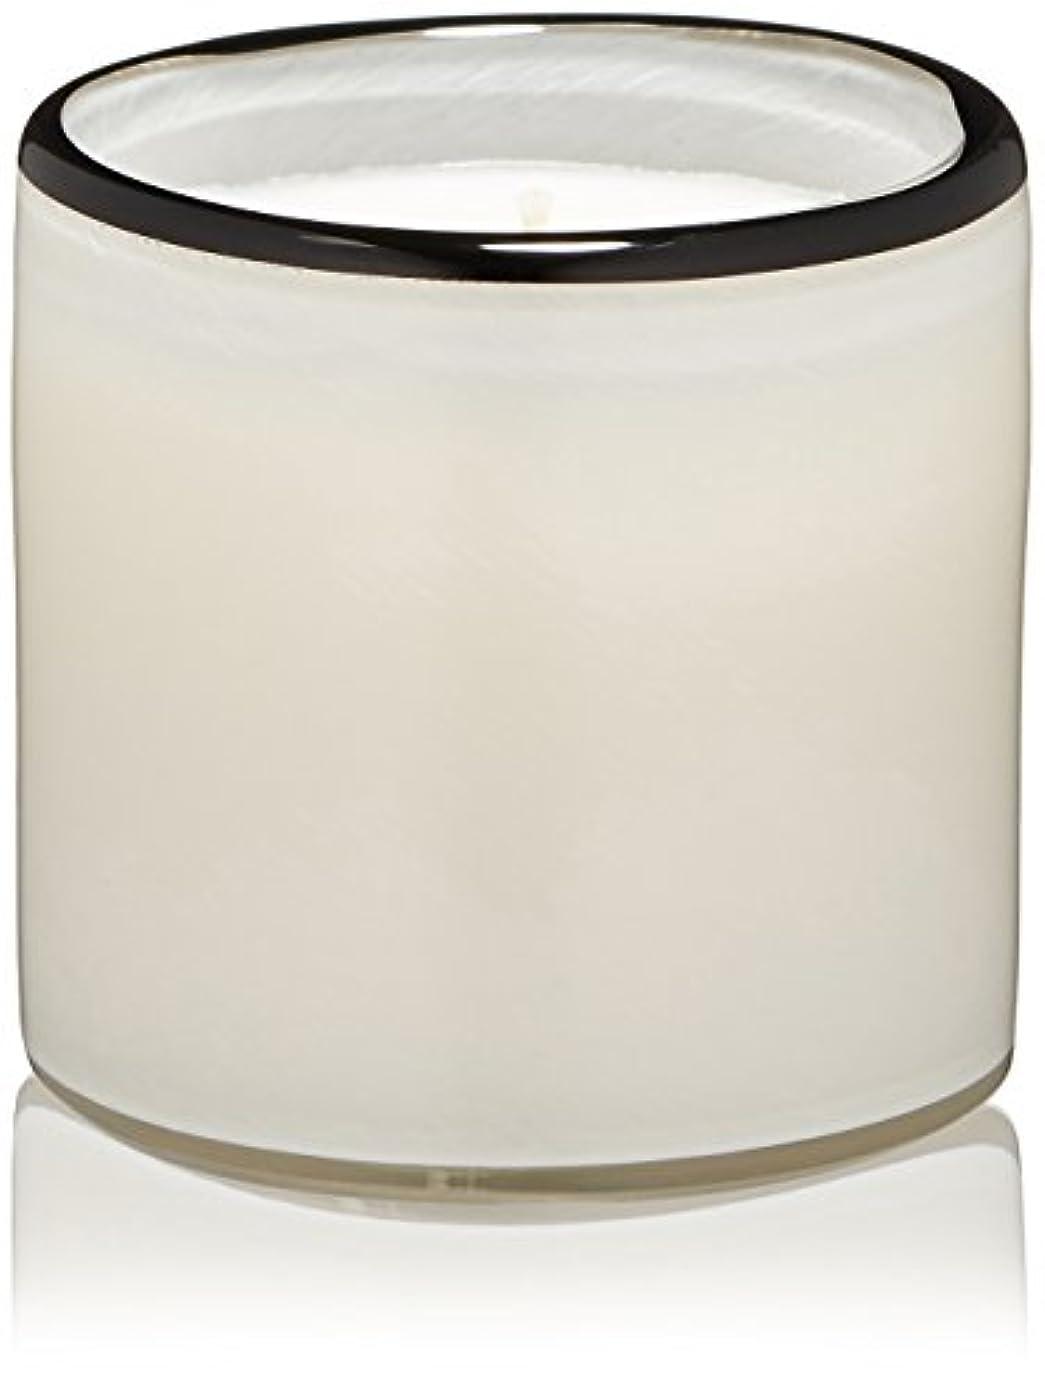 いろいろ夜明けガジュマルLafco Champagne/Penthouse candle-6.5 Oz